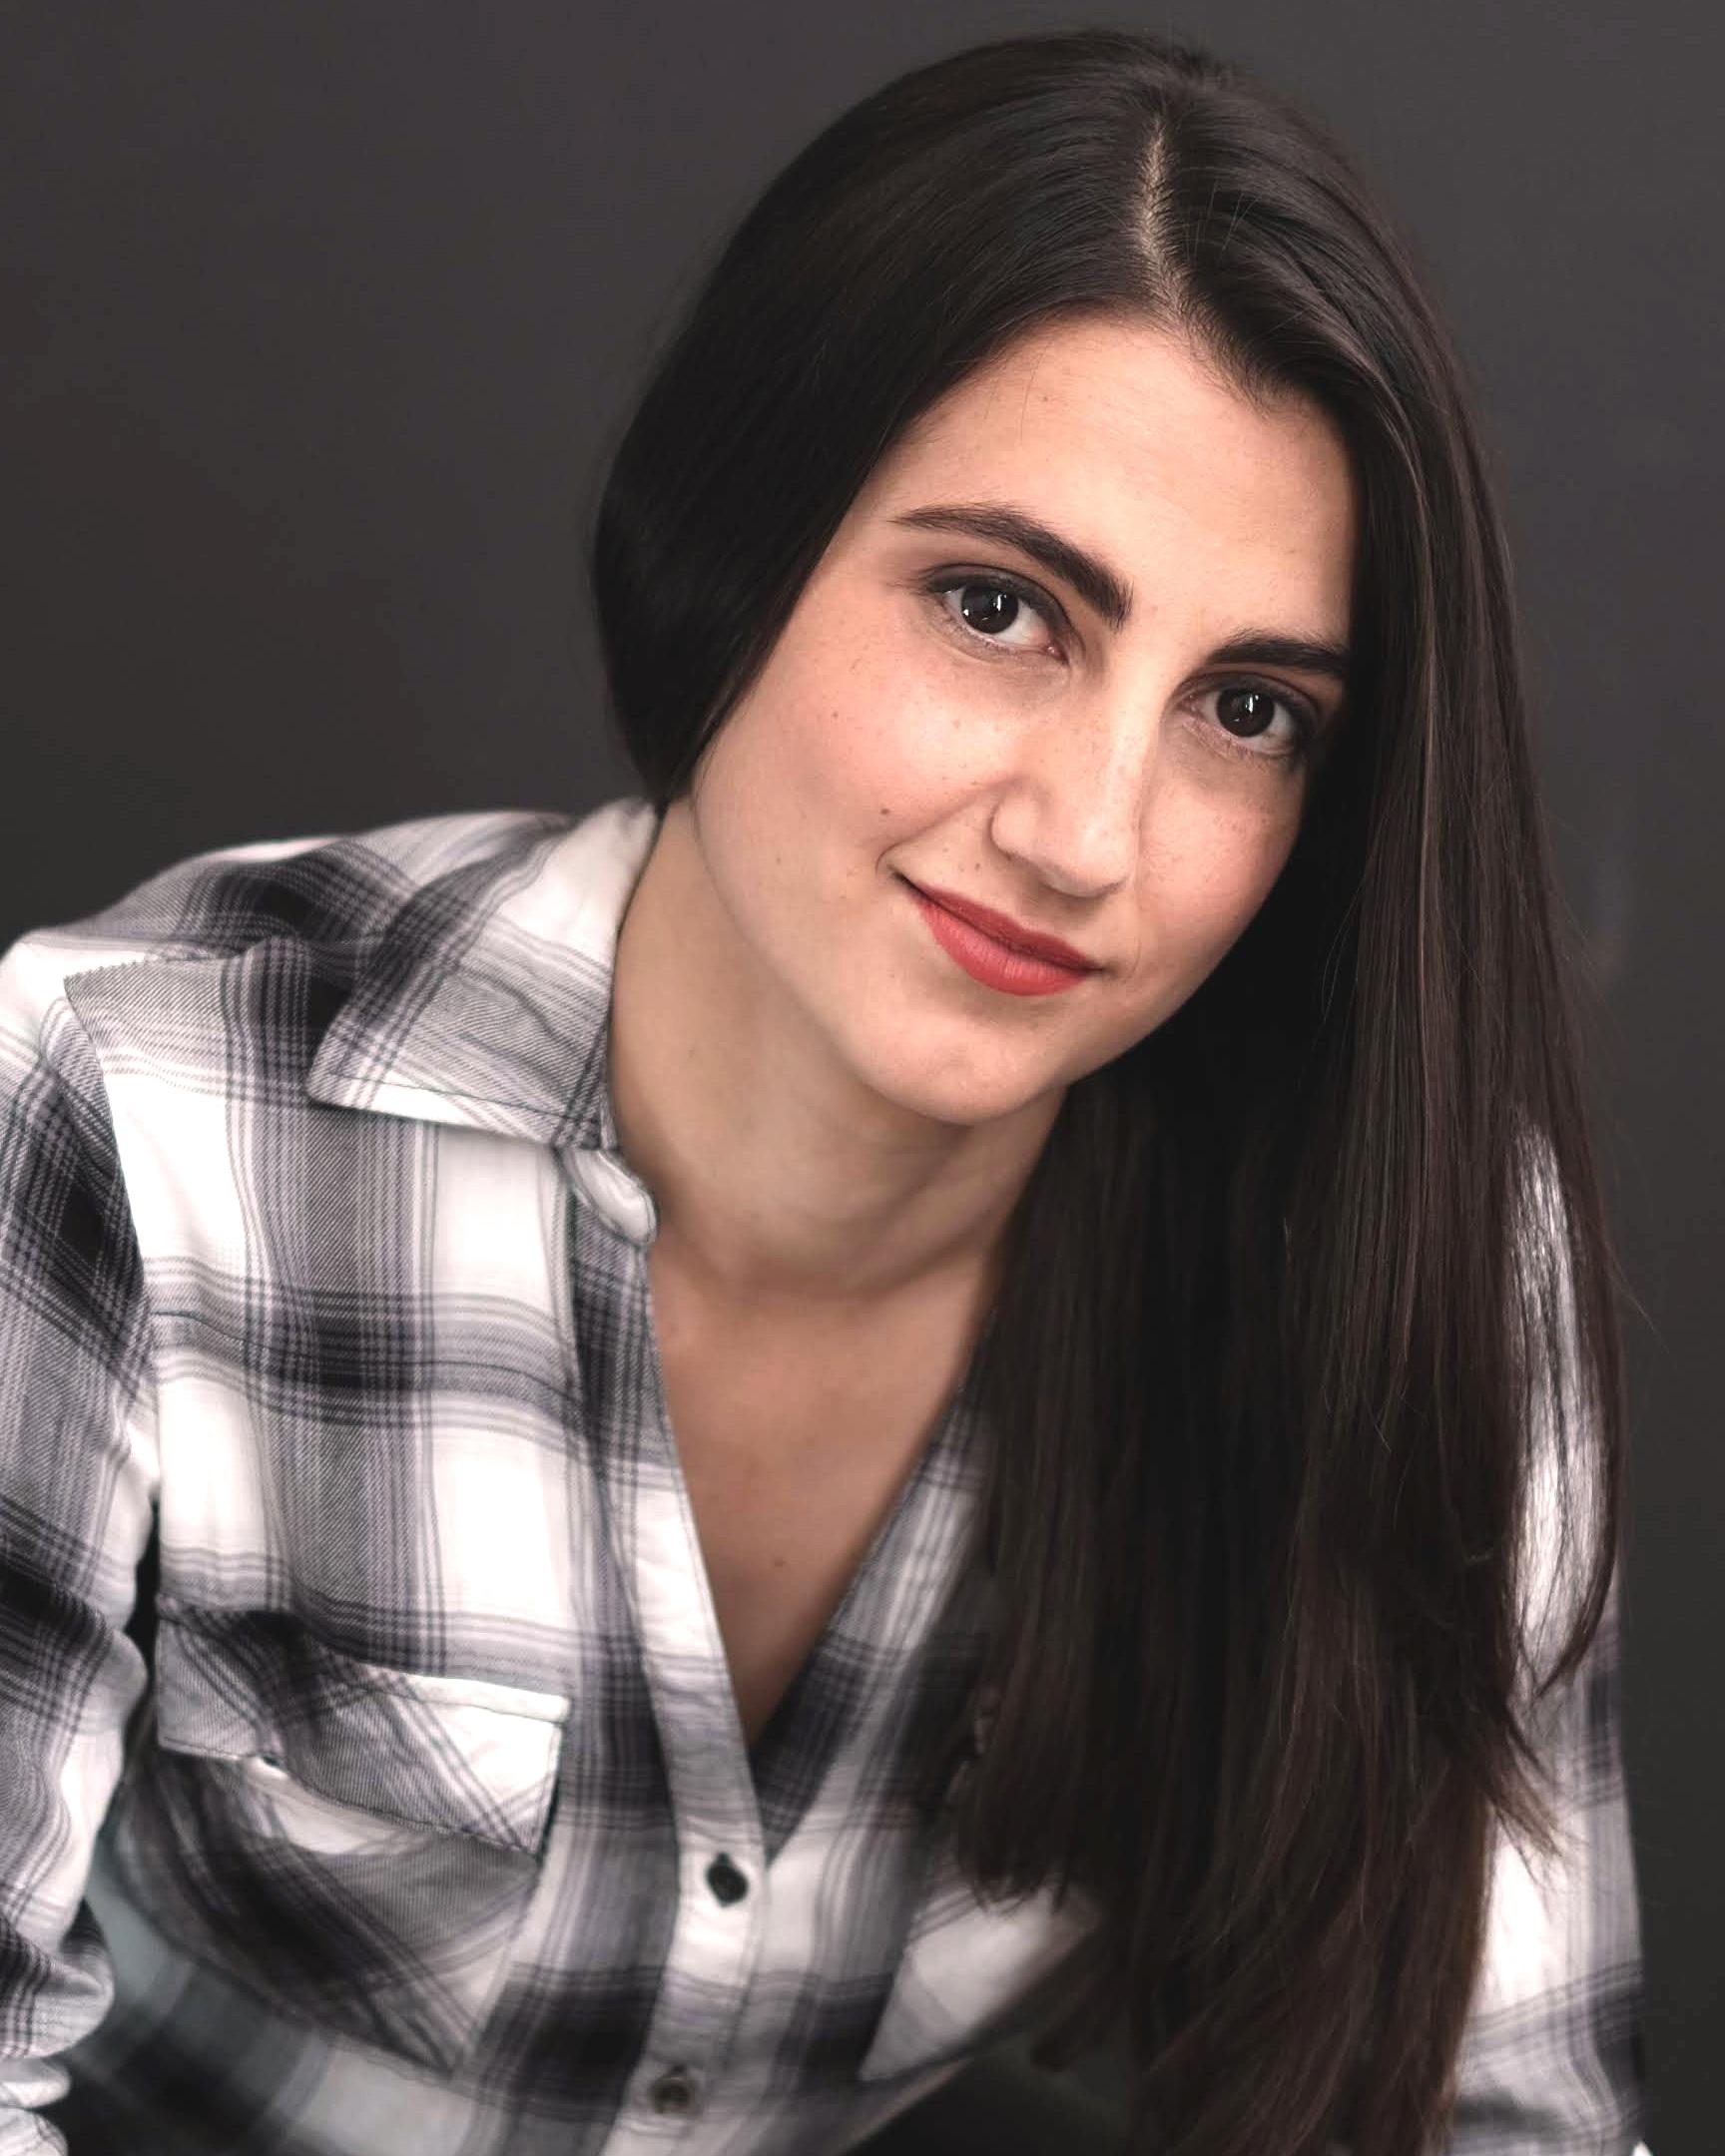 Julie Bersani